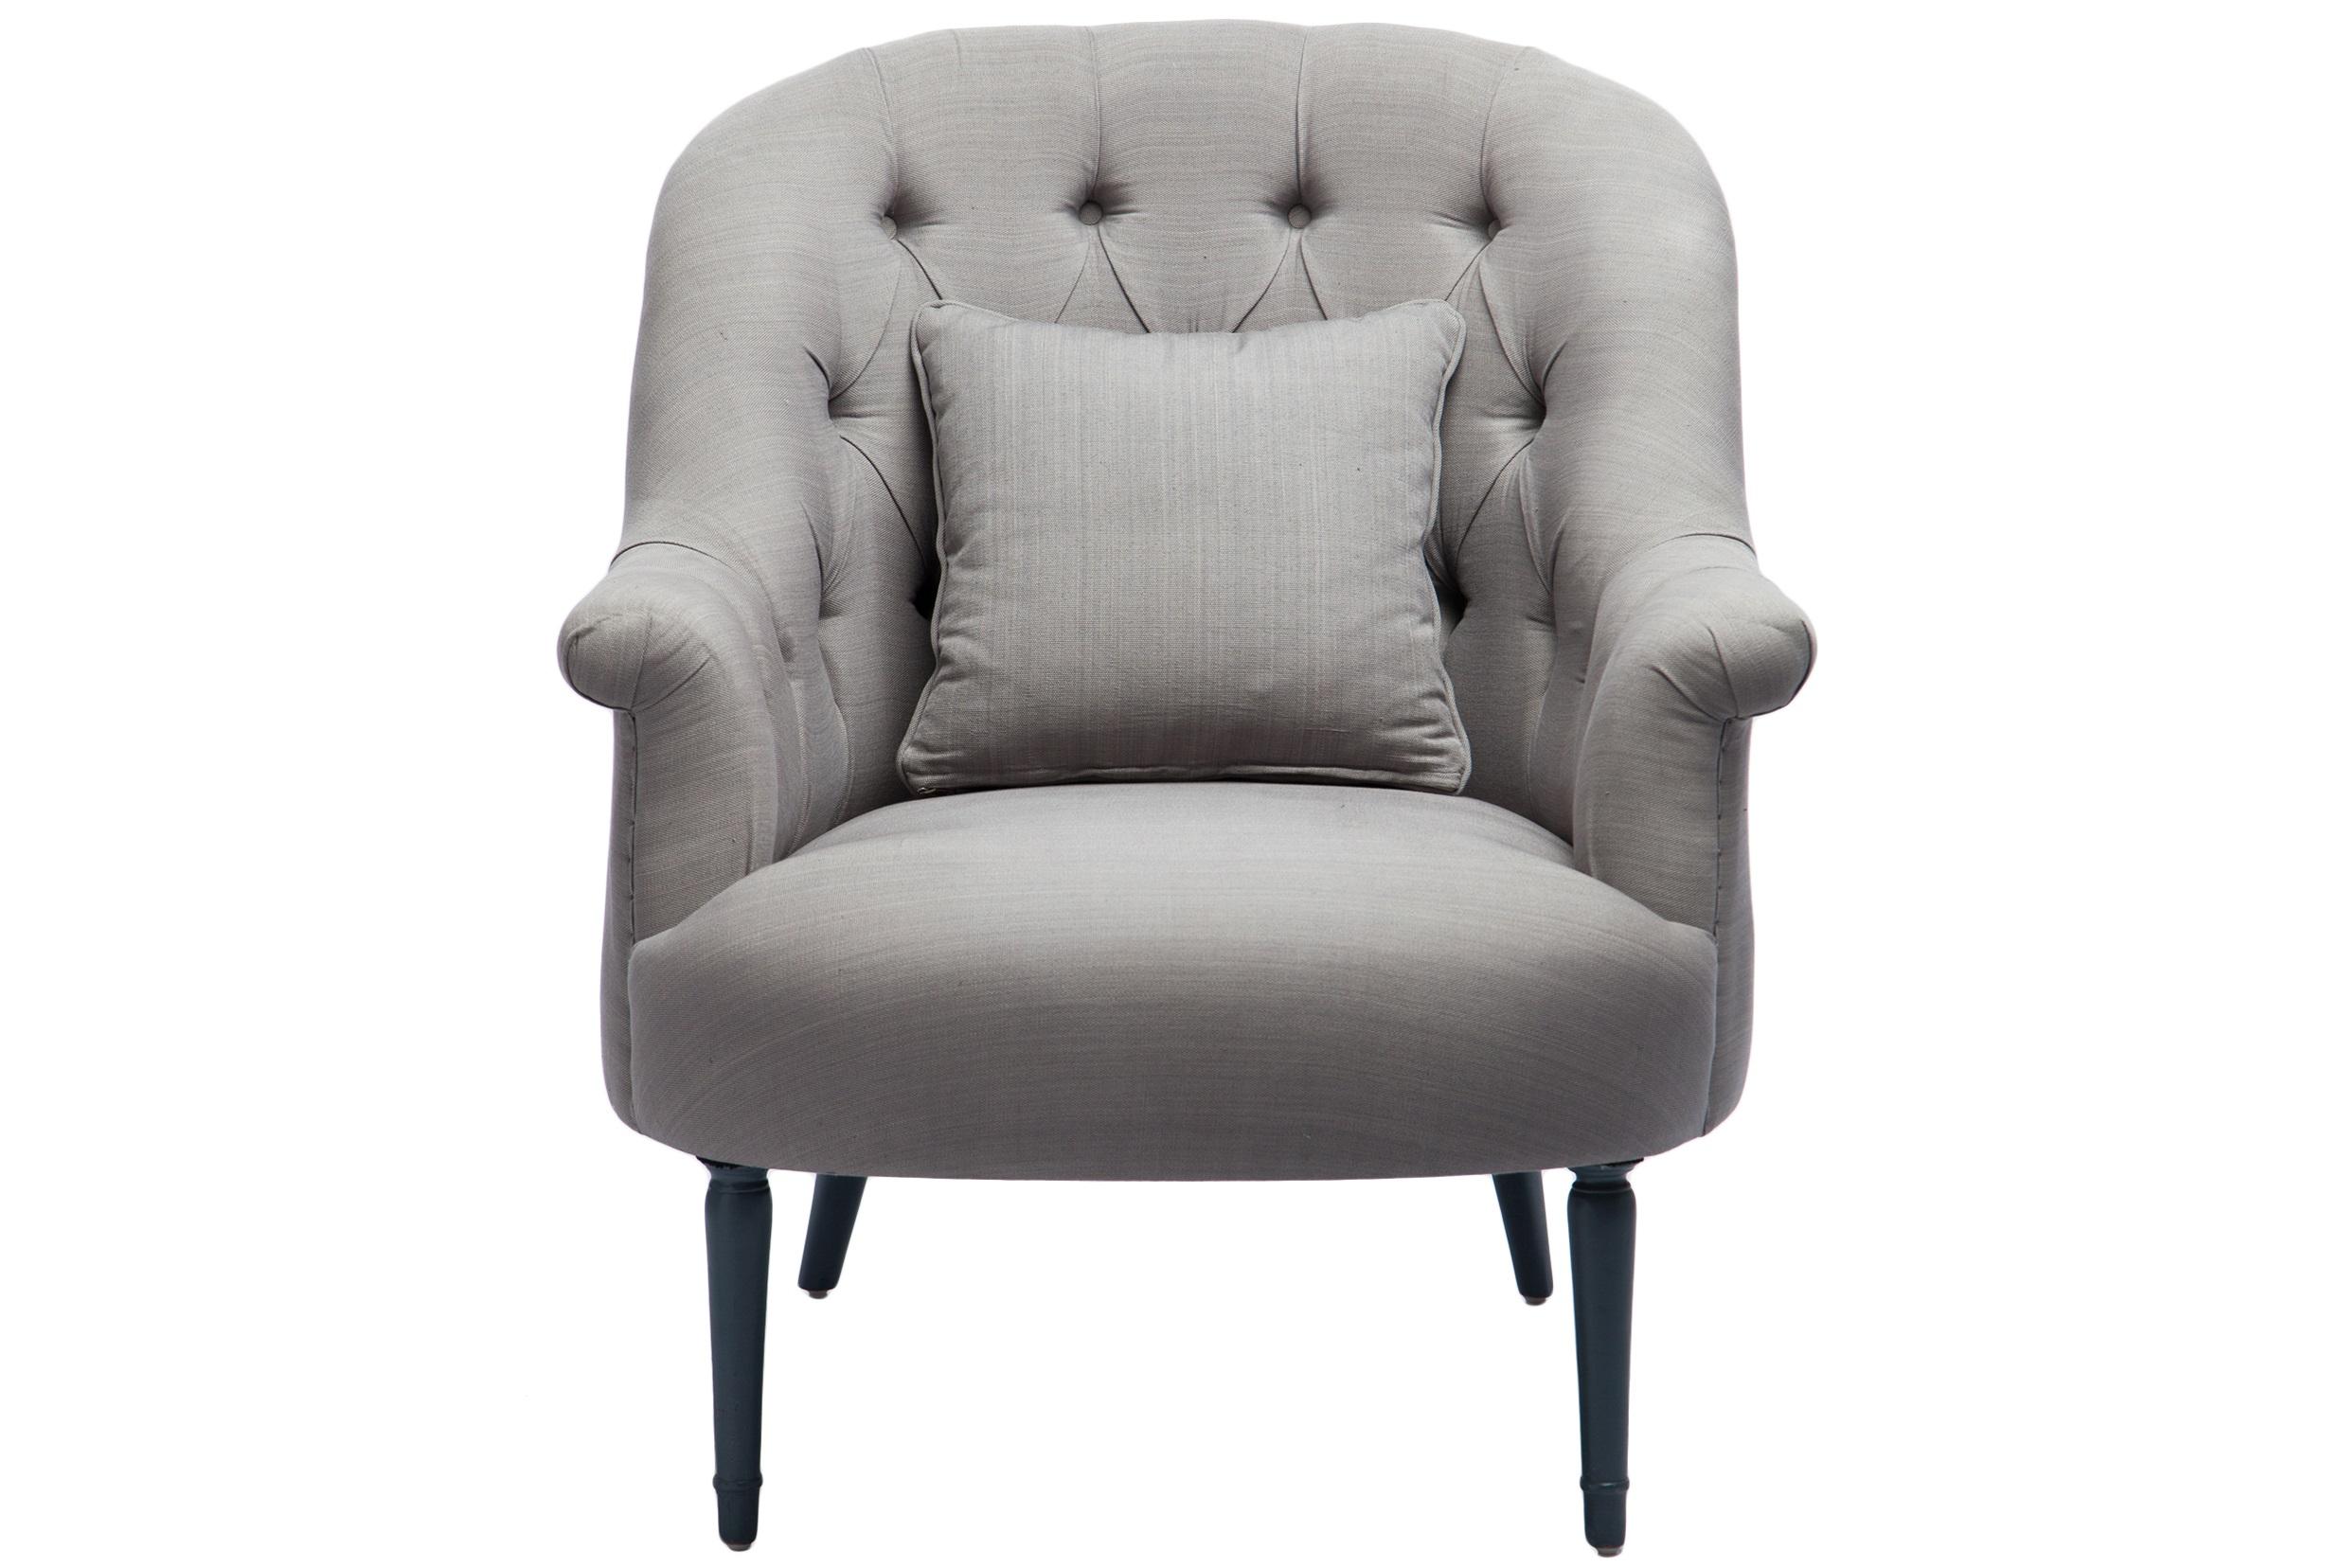 Кресло ОрландоИнтерьерные кресла<br>Большое уютное кресло с обивкой из 100% хлопка, украшено в технике капитоне. Подушка в комплекте.<br><br>Material: Красное дерево<br>Width см: 94<br>Depth см: 87<br>Height см: 101